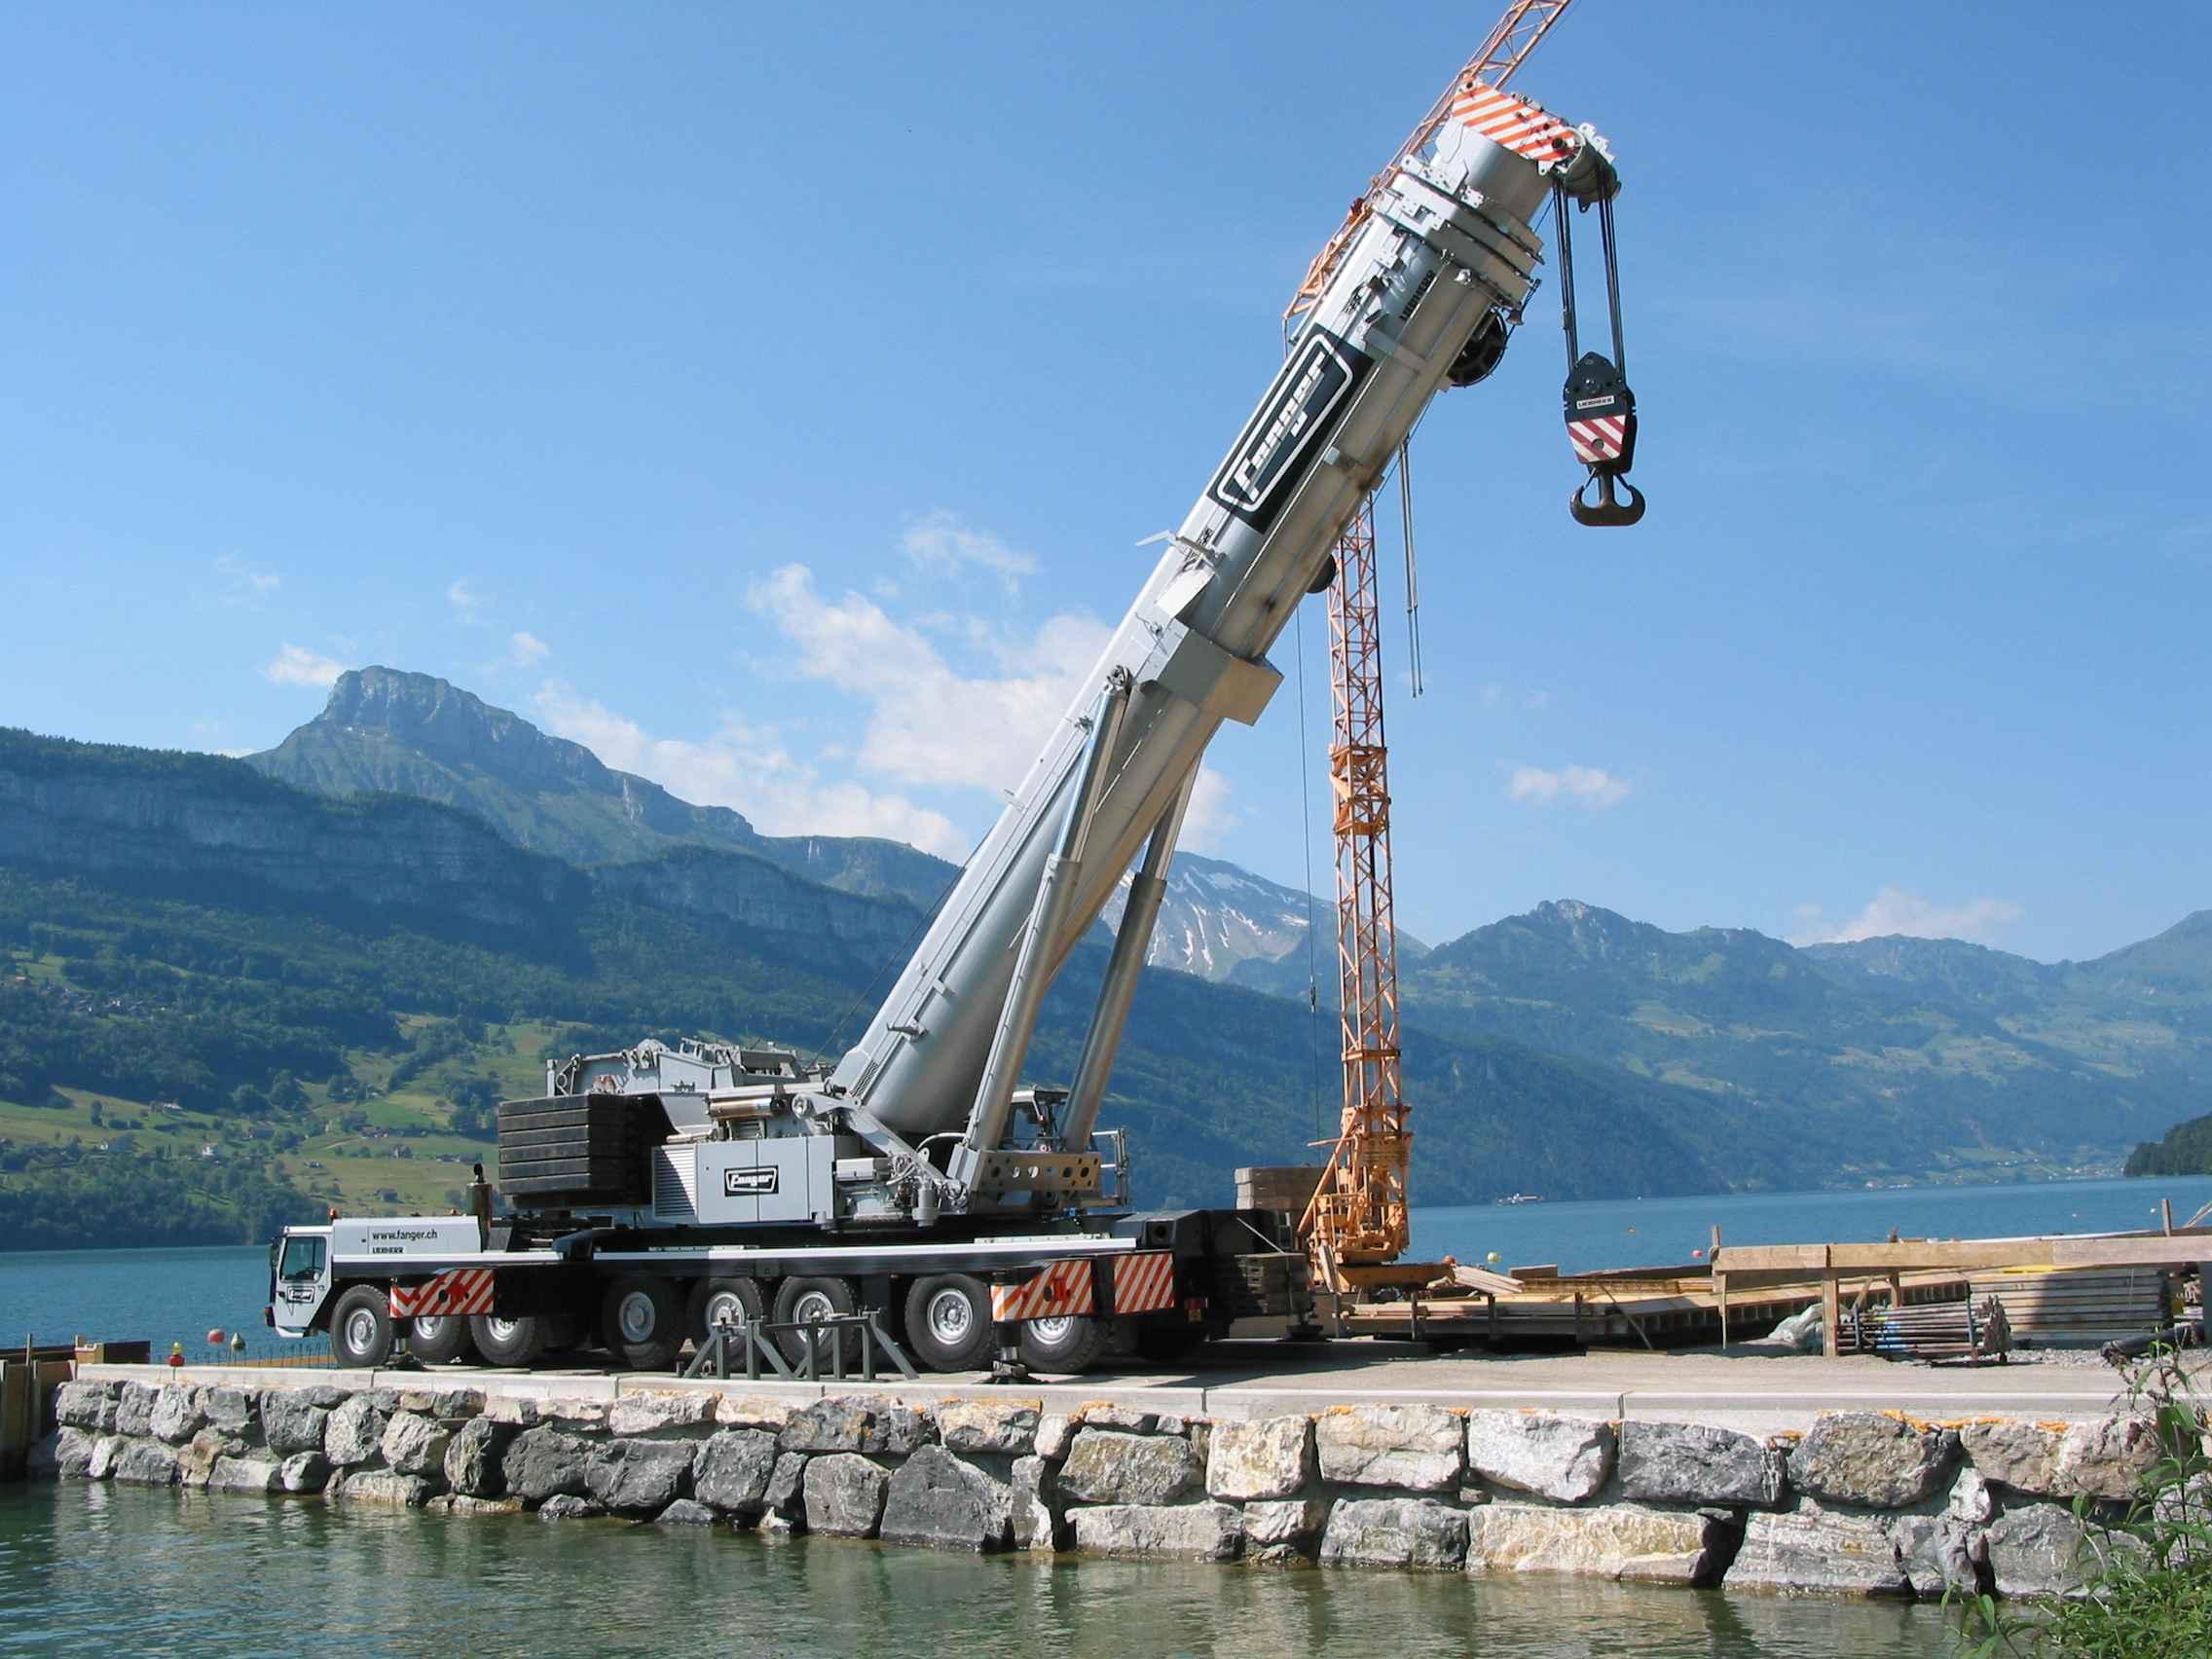 BauWasserung-und-Montage-Molenelemente_02